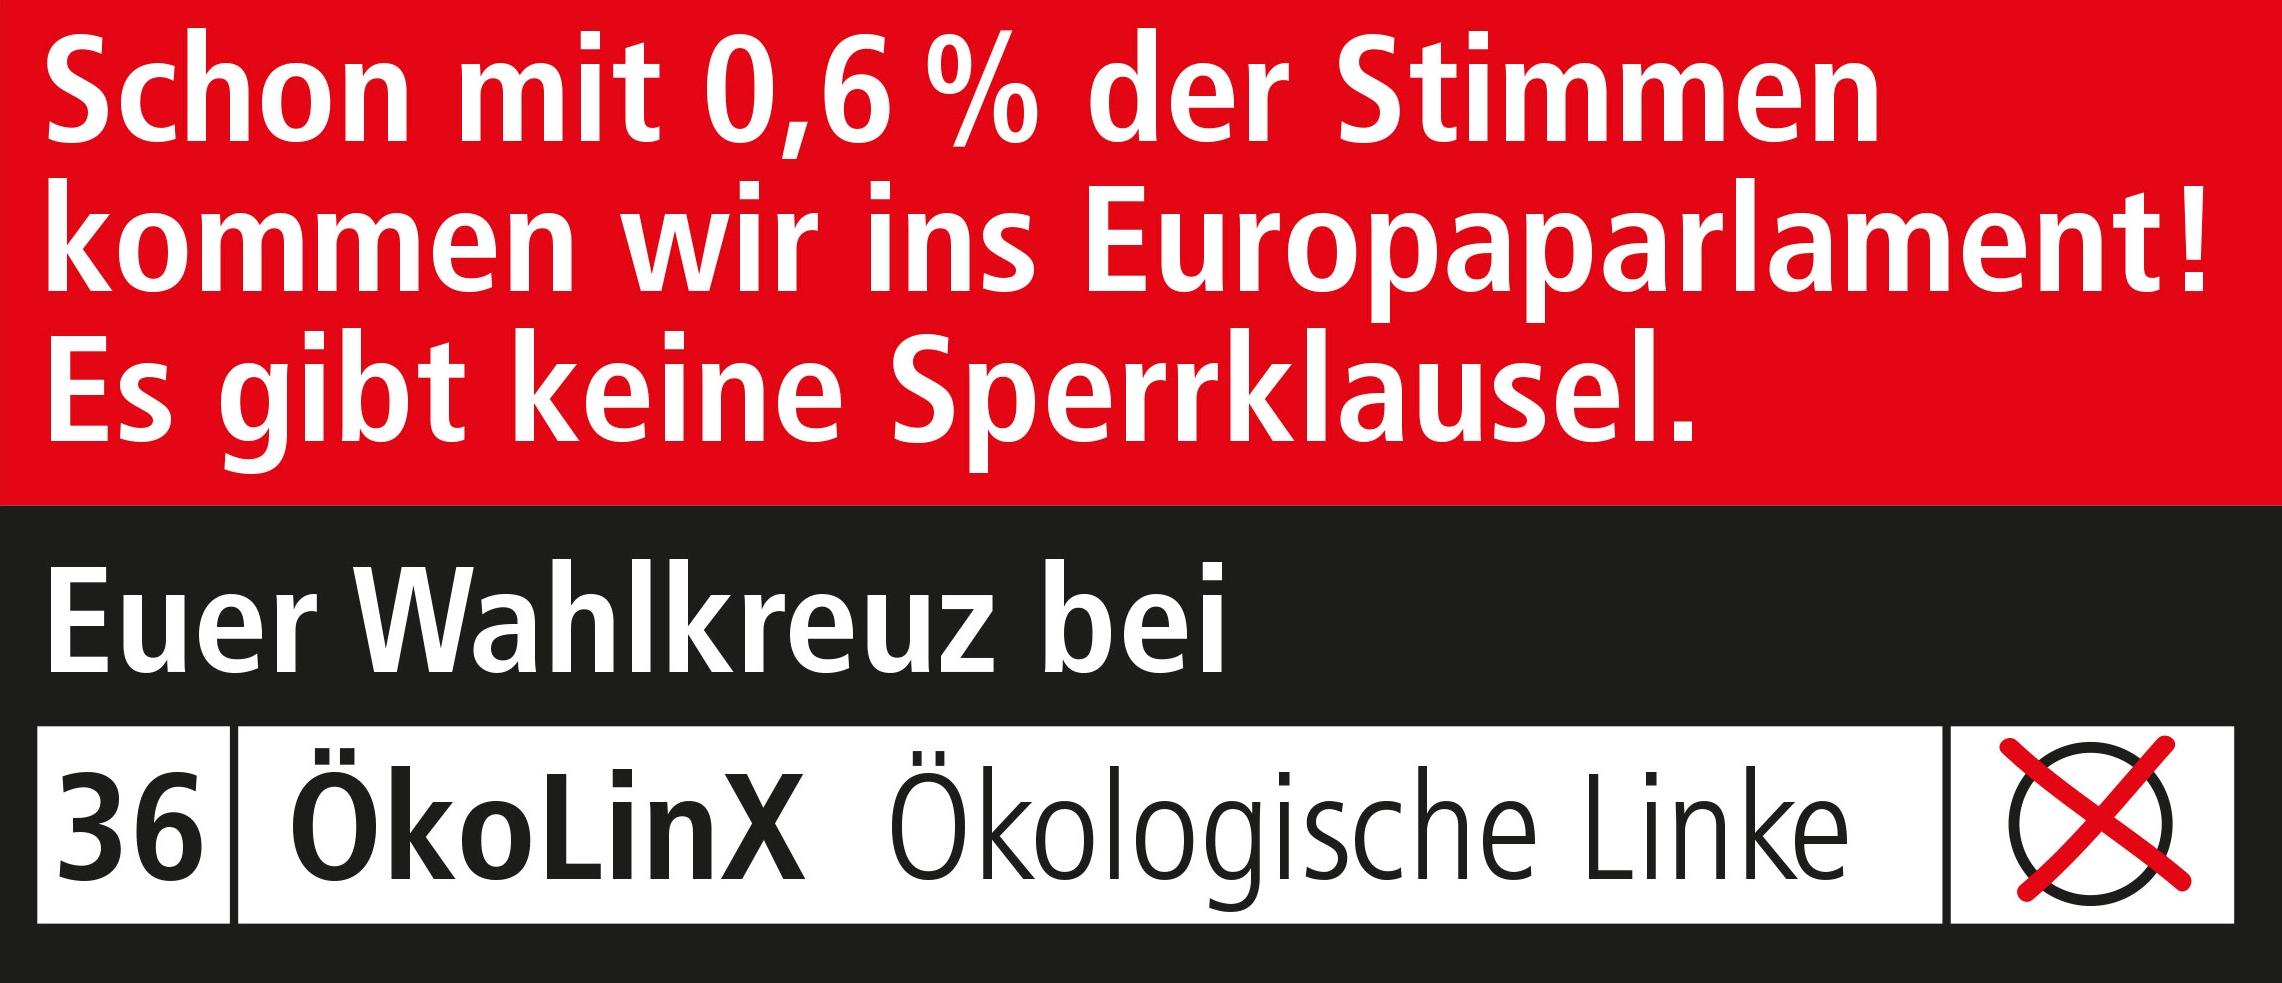 Schon mit 0,6 % der Stimmen kommen wir ins Europaparlament! Es gibt keine Sperrklausel. Euer Wahlkreuz bei Liste 36 ÖkoLinX Ökologische Linke